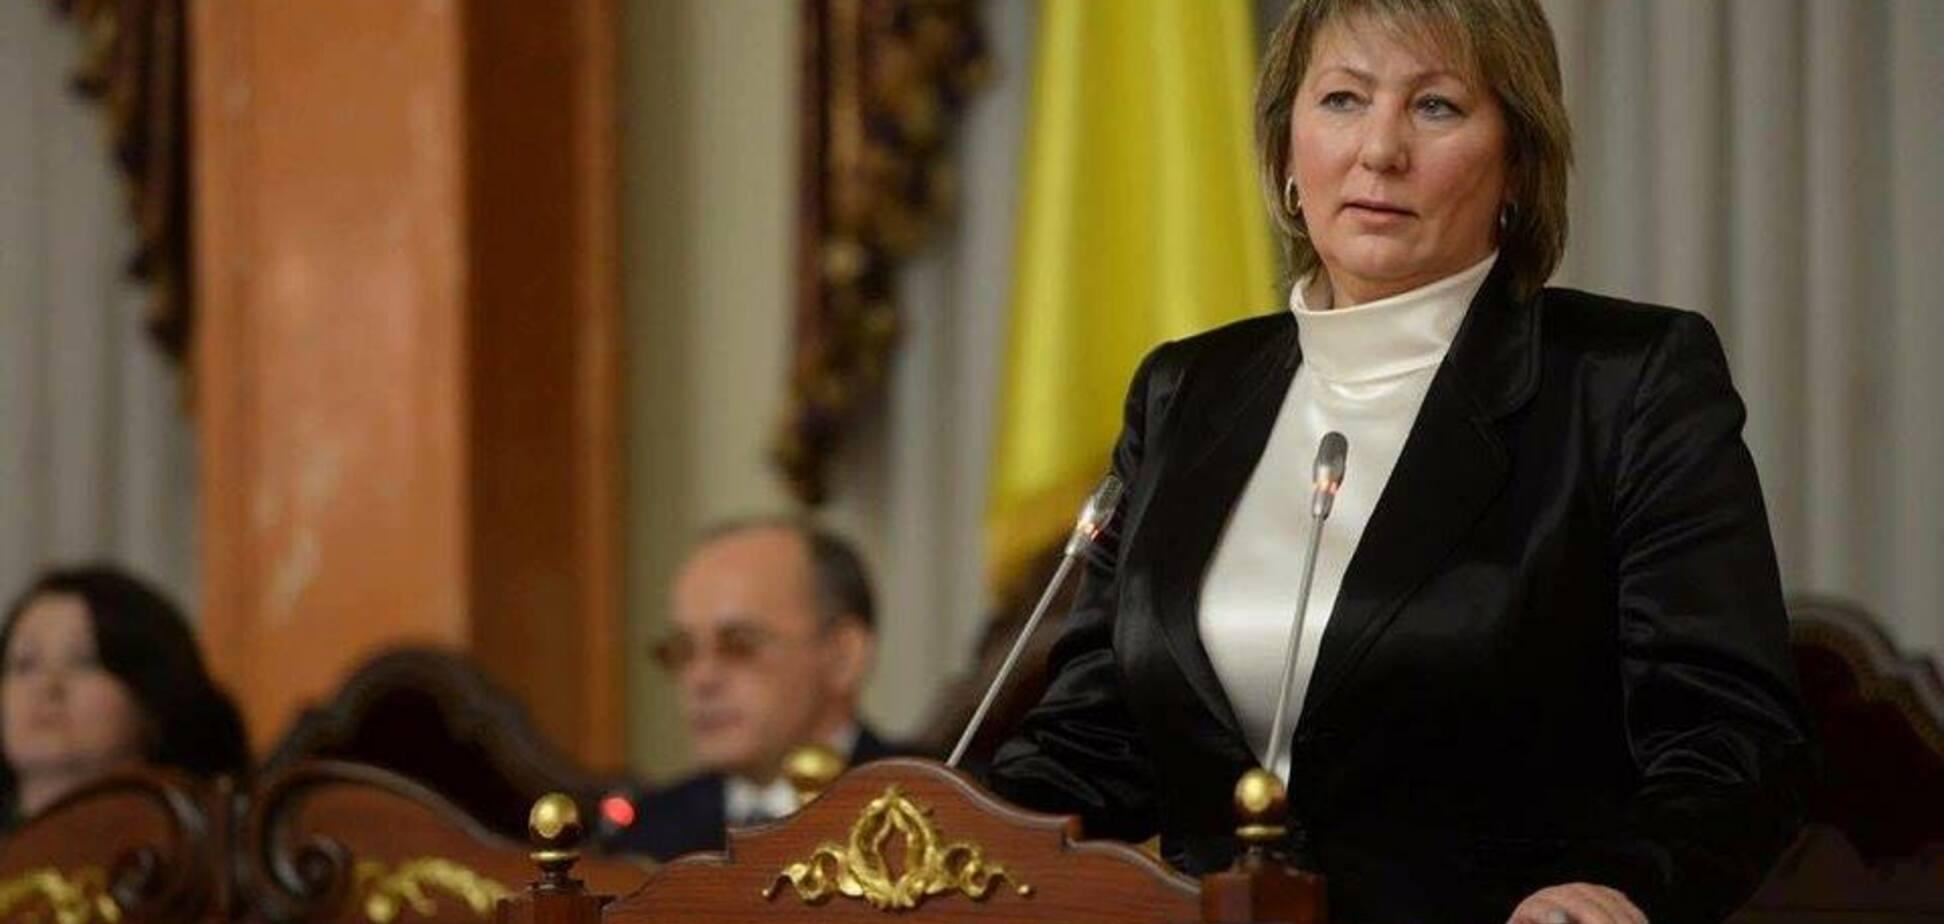 Училась в США и Германии: что известно о новой главе Верховного суда Украины